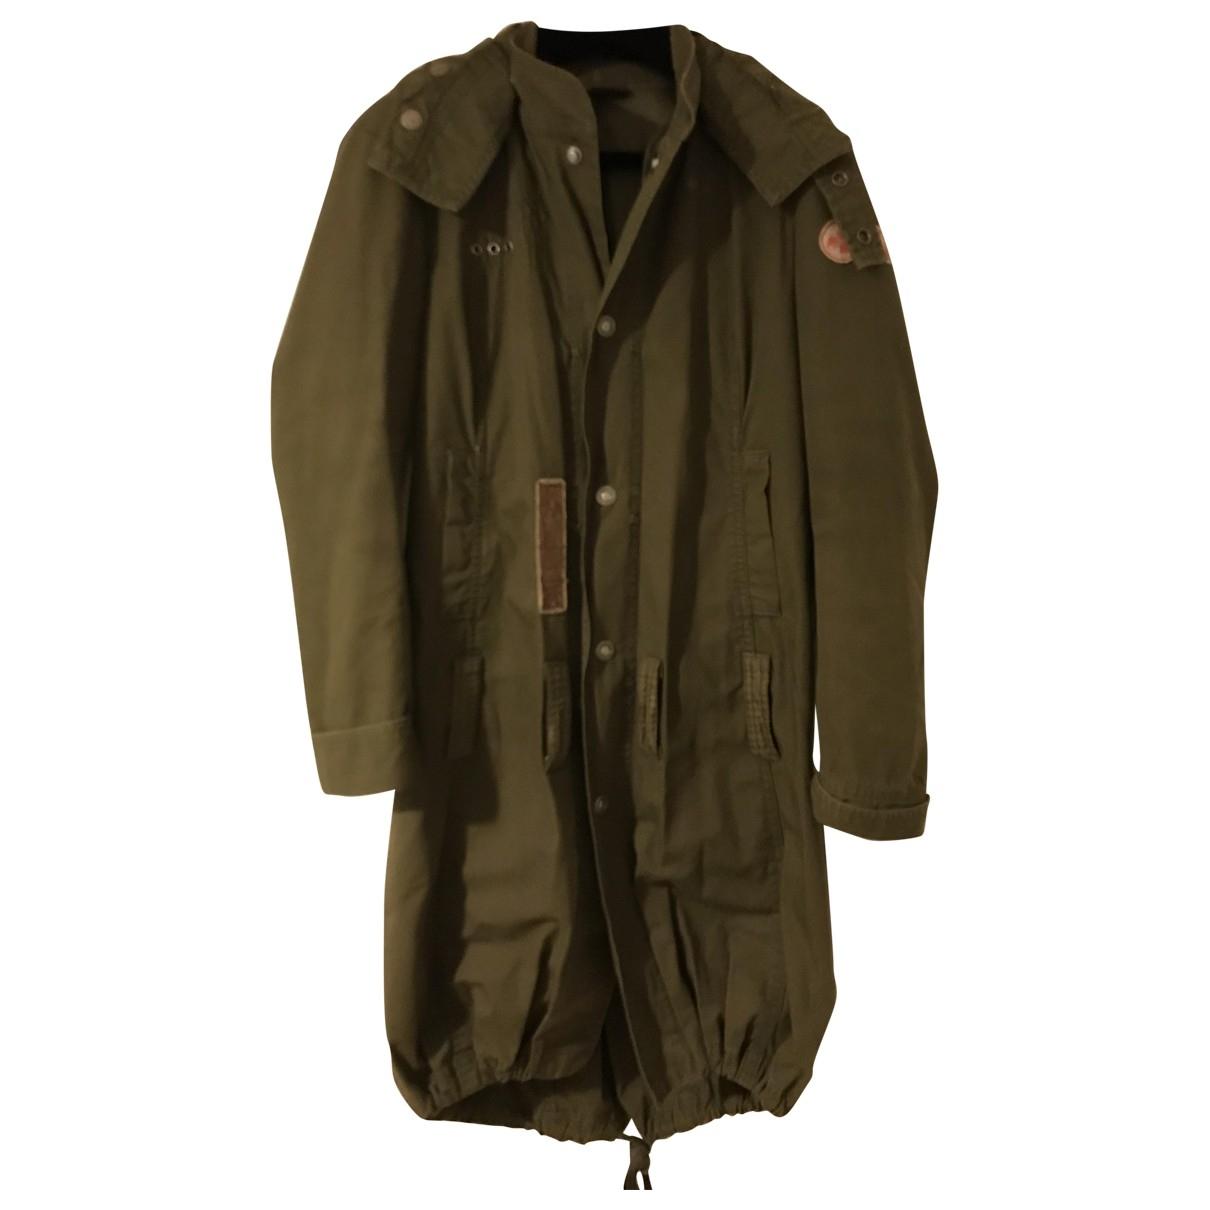 Diesel \N Khaki coat for Women 34 FR